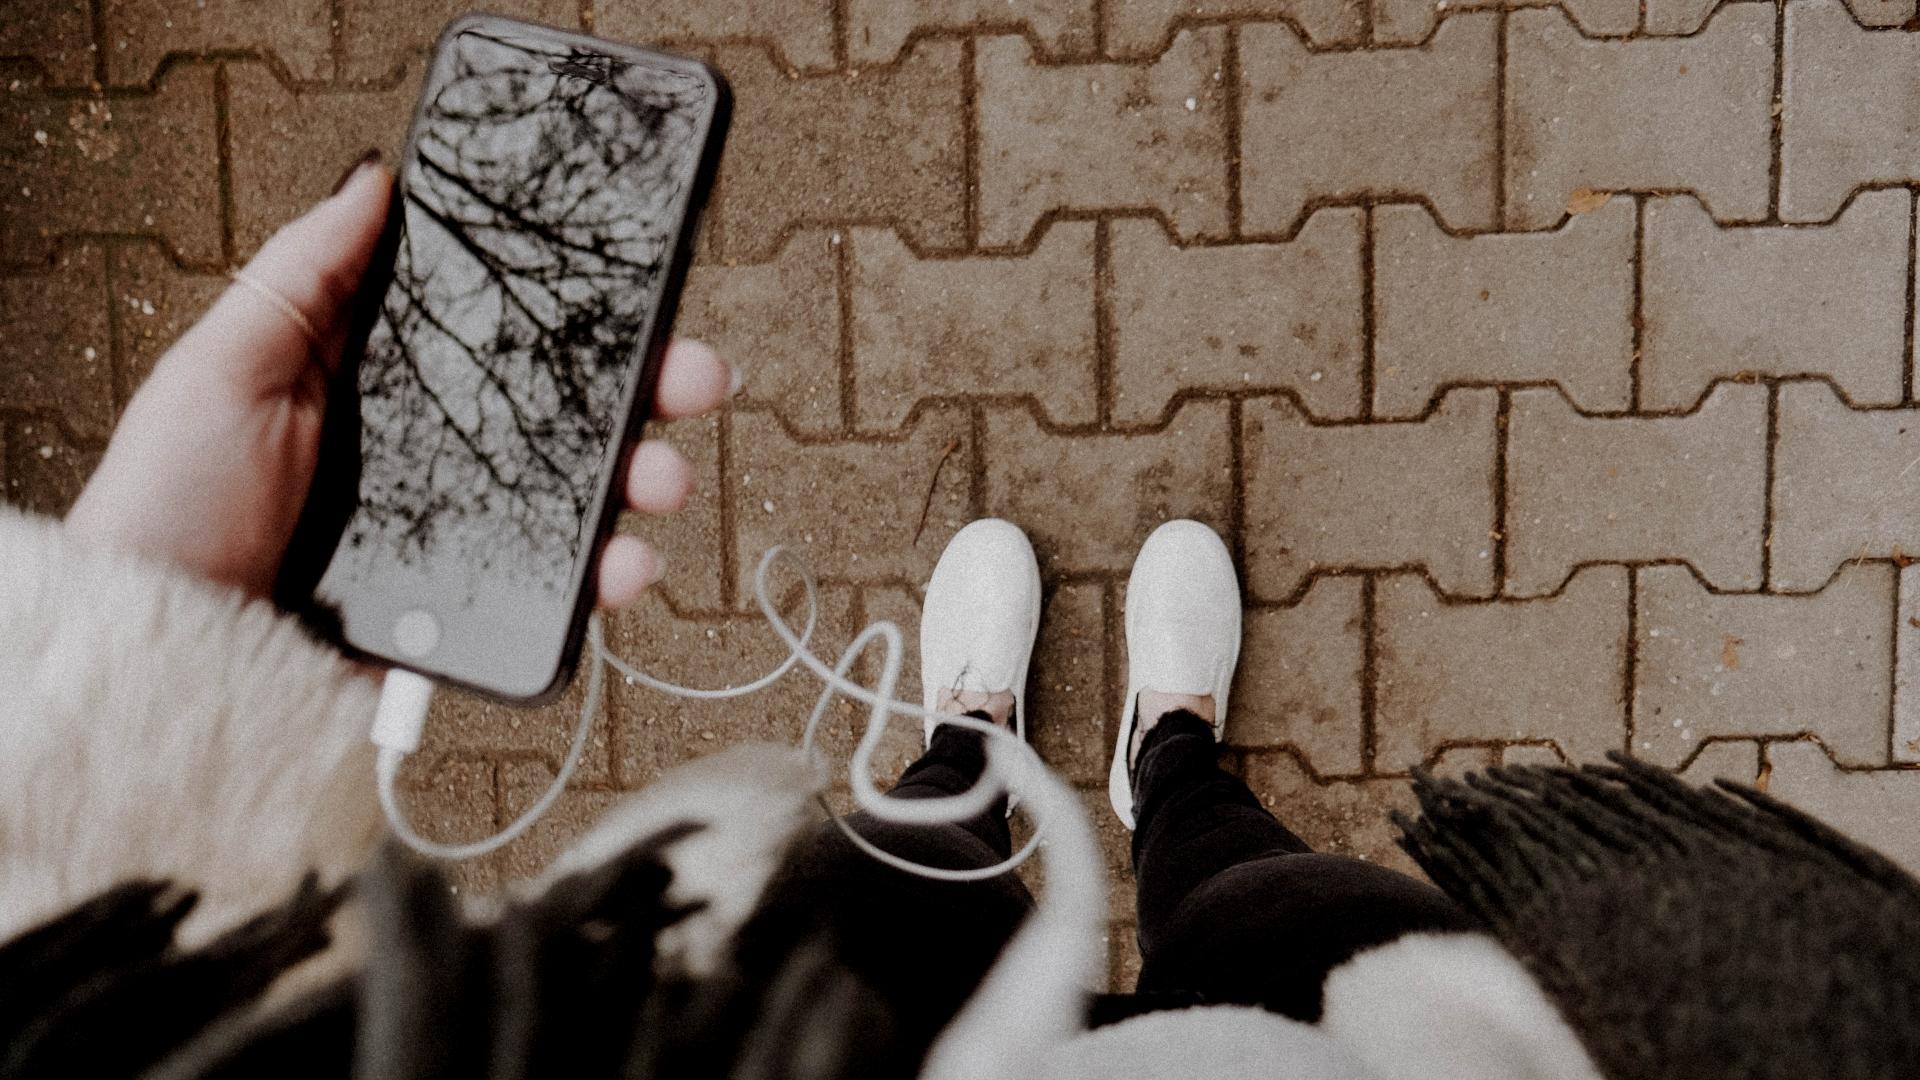 Smartphone, Handy, Podcast, unsplash.com, Melanie Pongratz